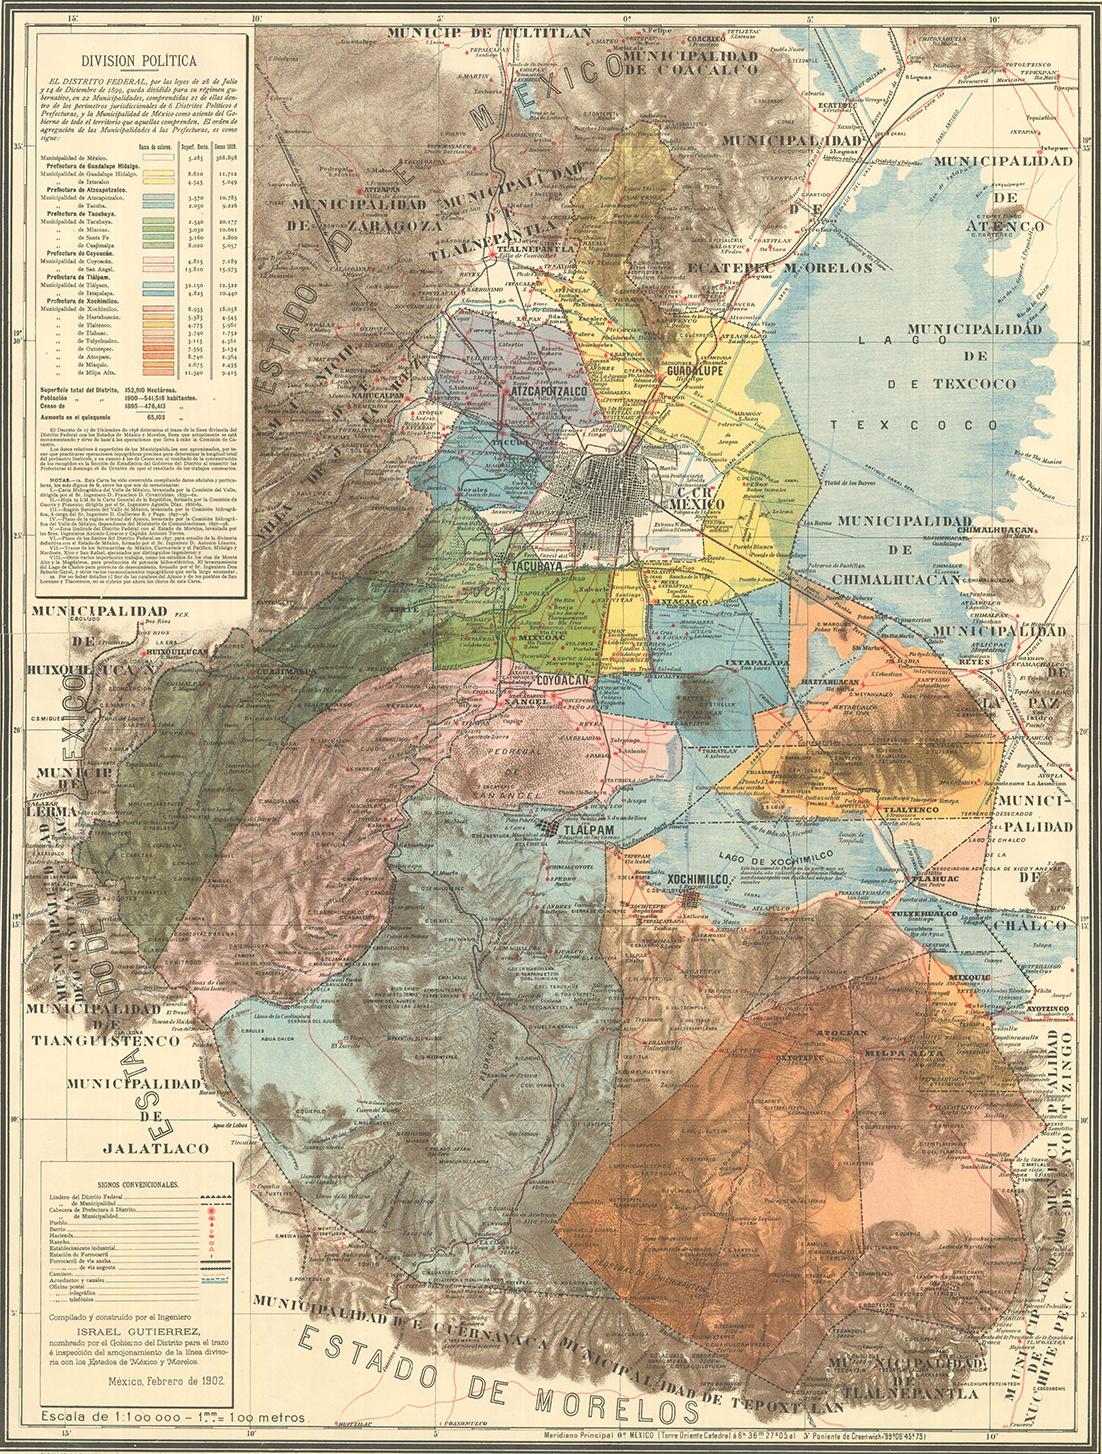 """Para conmemorar un año más de la fundación del Distrito Federal, la Mapoteca """"Manuel Orozco y Berra"""" presenta la """"Carta Política del Distrito Federal"""", de 1902."""